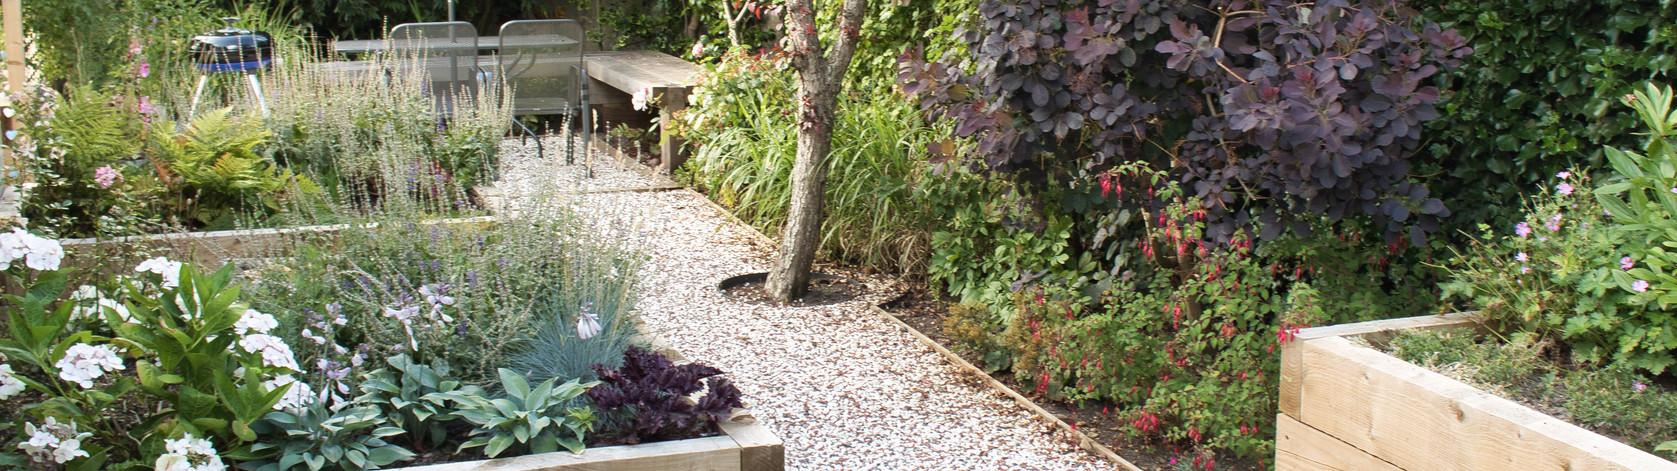 Woodland Garden - Chippenham